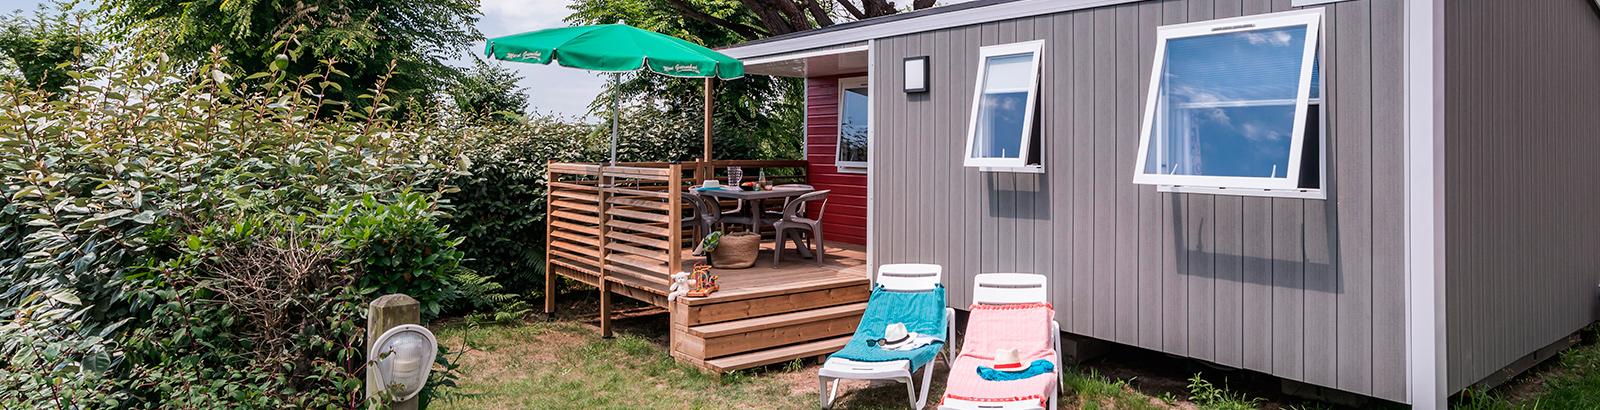 Cottage Atlantique, un joli design et une terrasse couverte